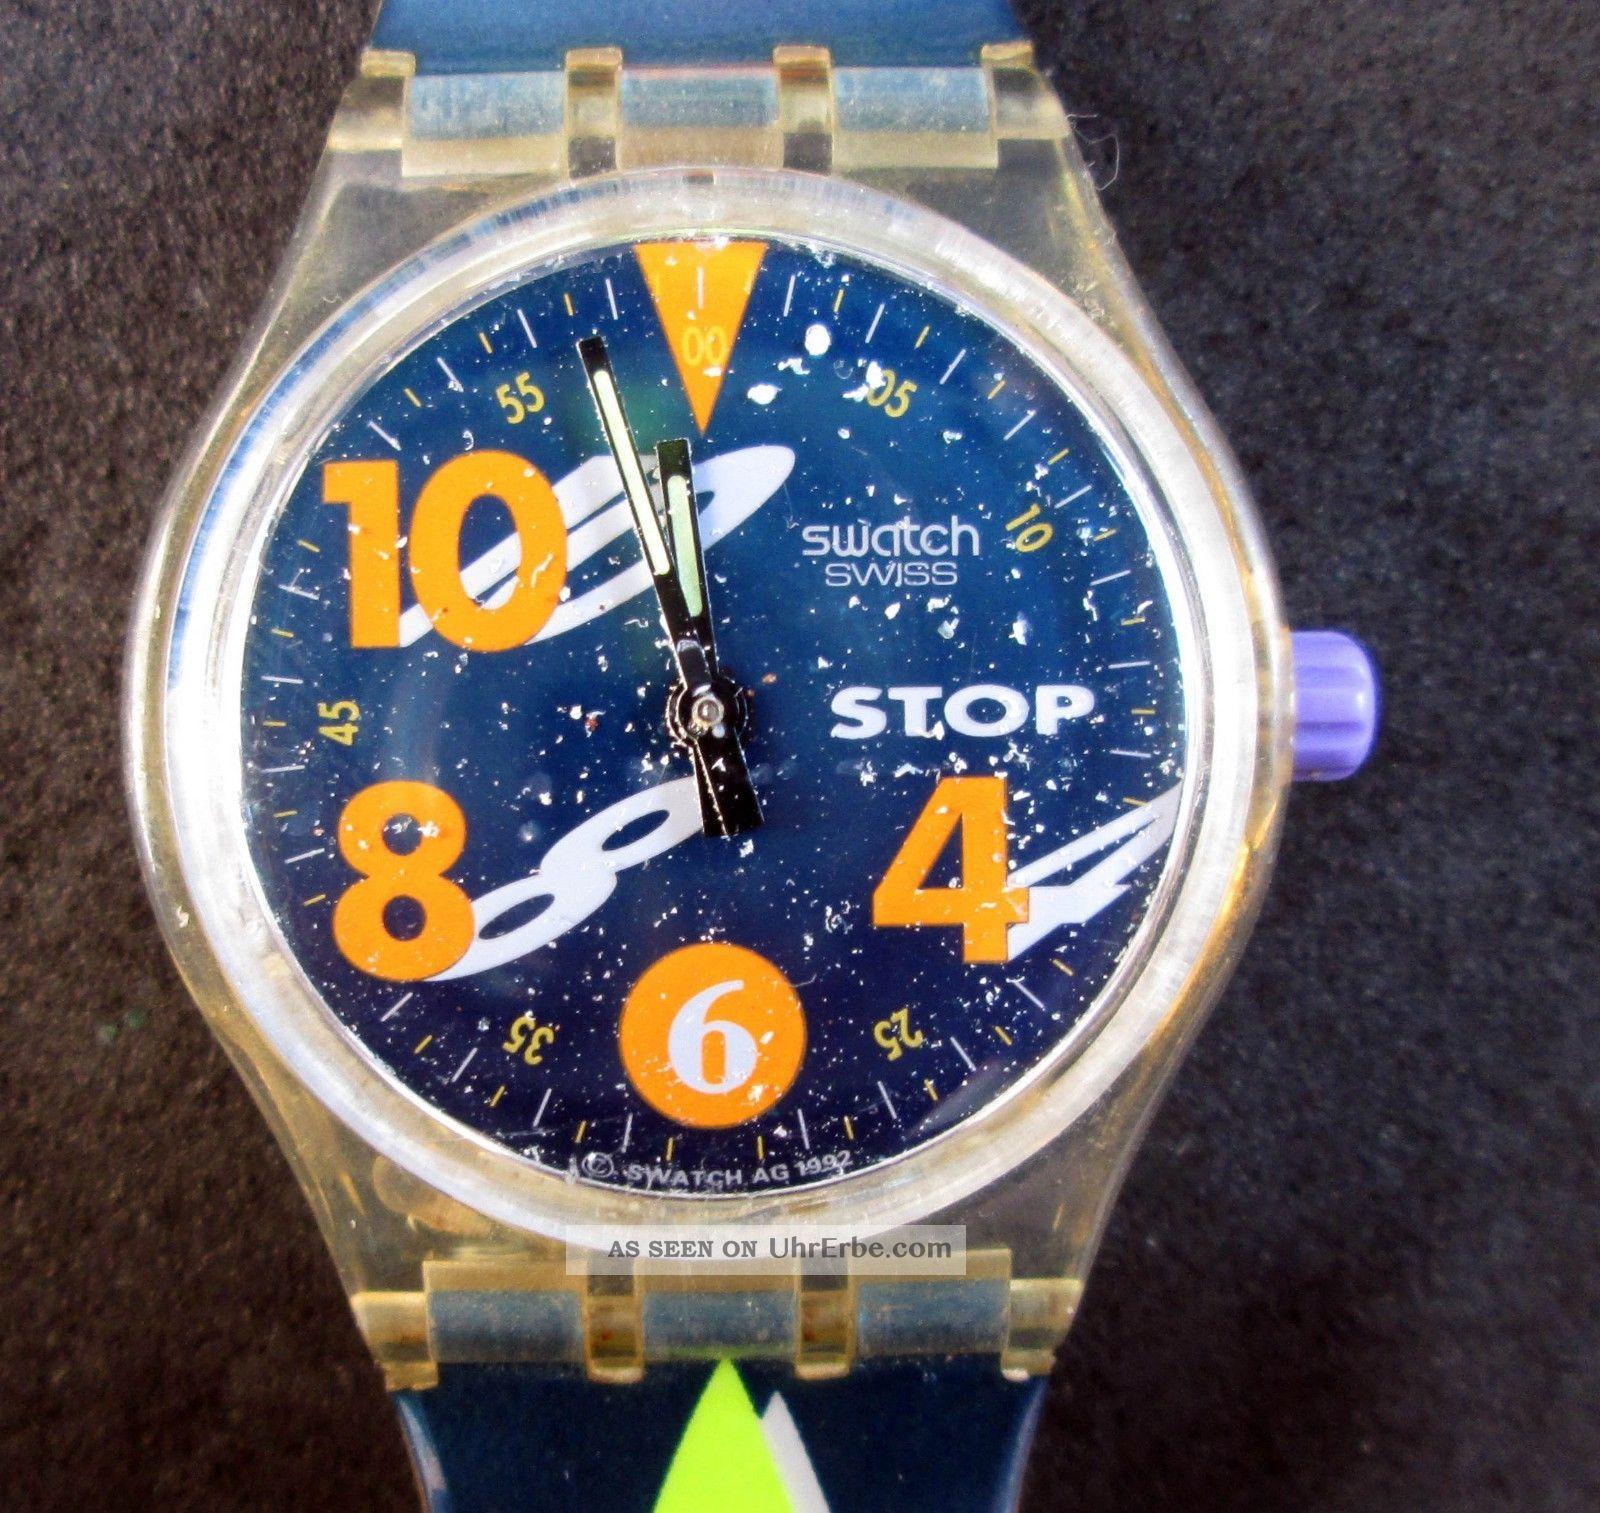 Stop - Swatch,  Swatch Armbanduhr,  Stoppuhr,  Uhr Läuft,  Batterie Ist Armbanduhren Bild